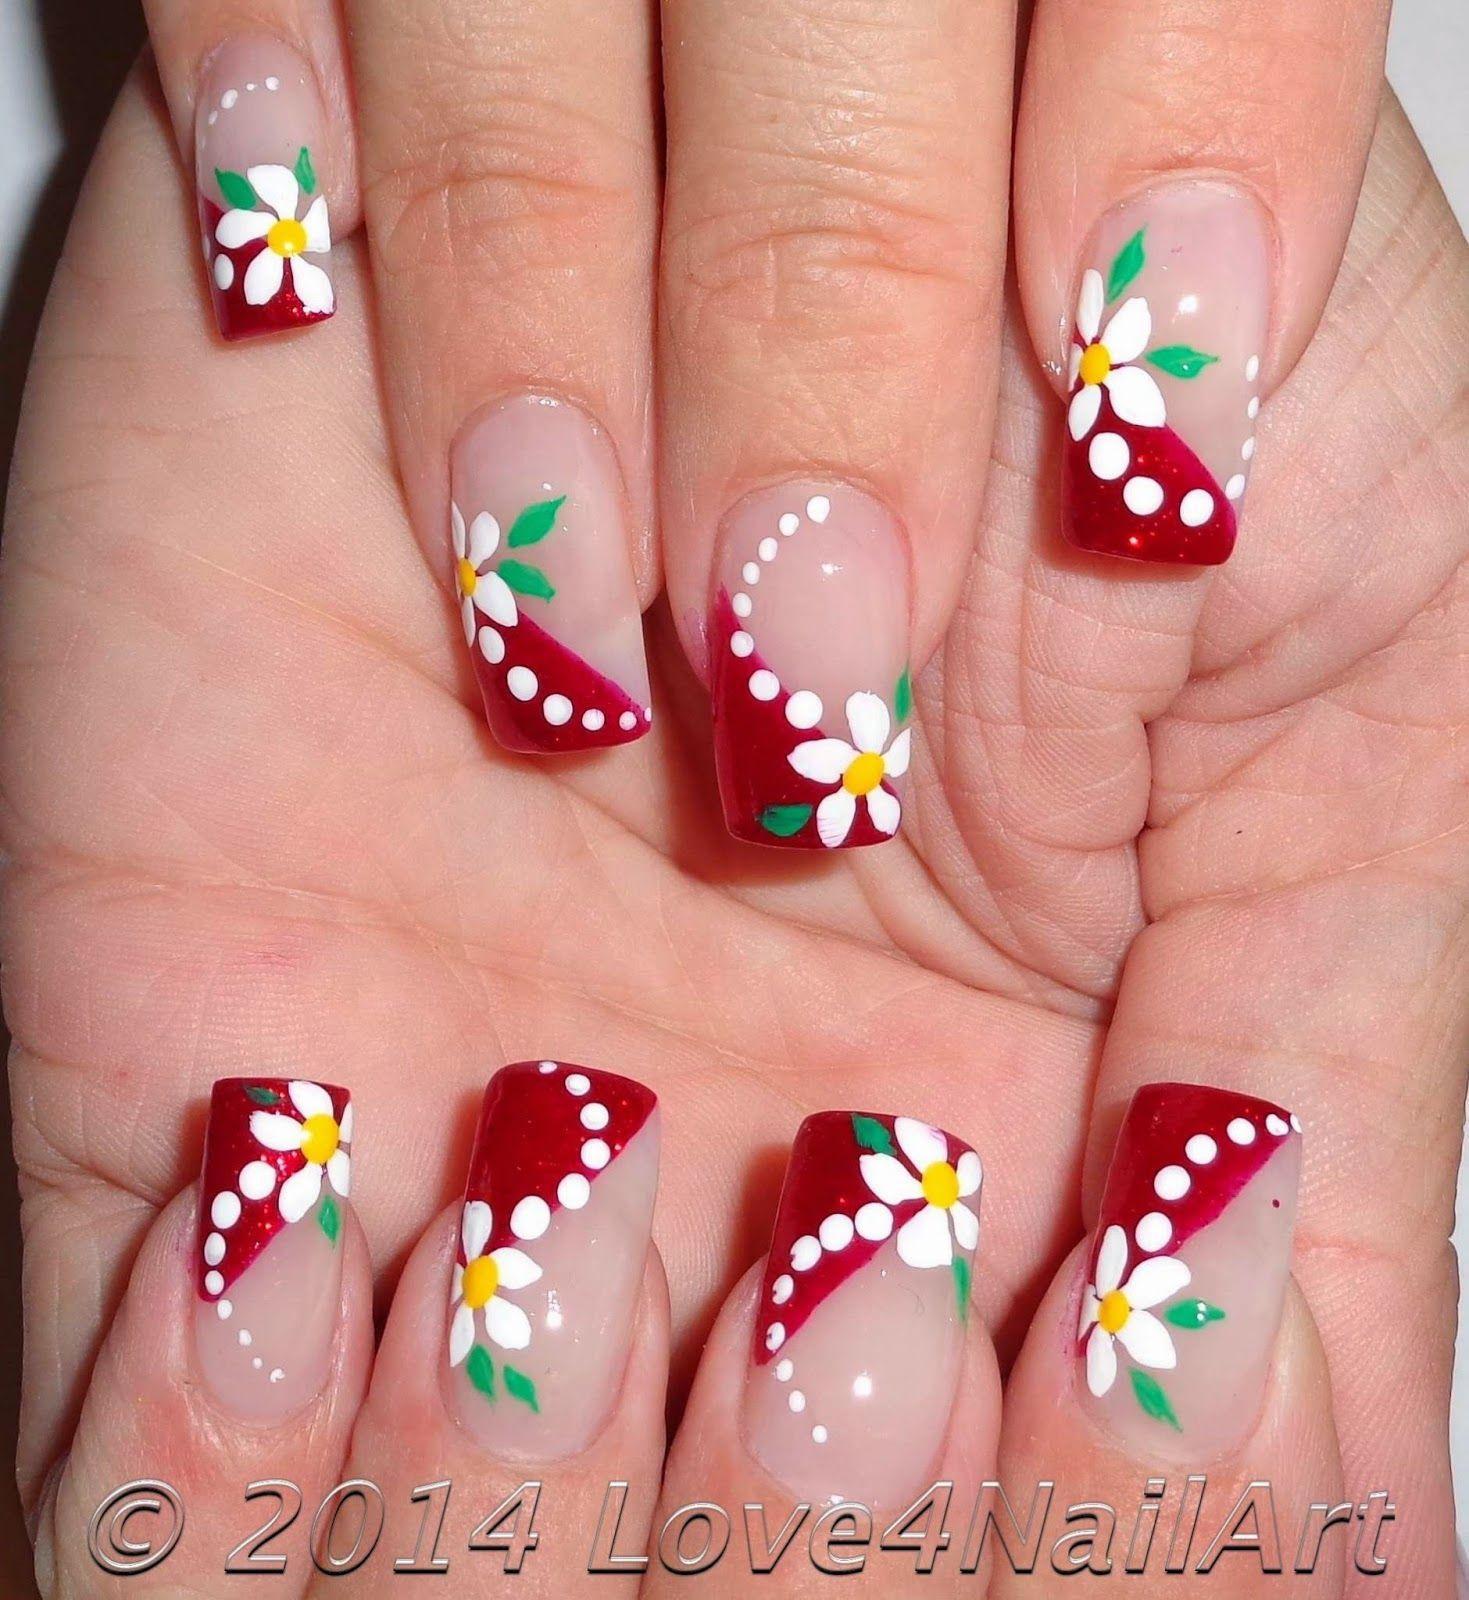 Liebenswert Schöne Nägel Galerie Foto Von Love4nailart: Red Glitter French With Floral Nail